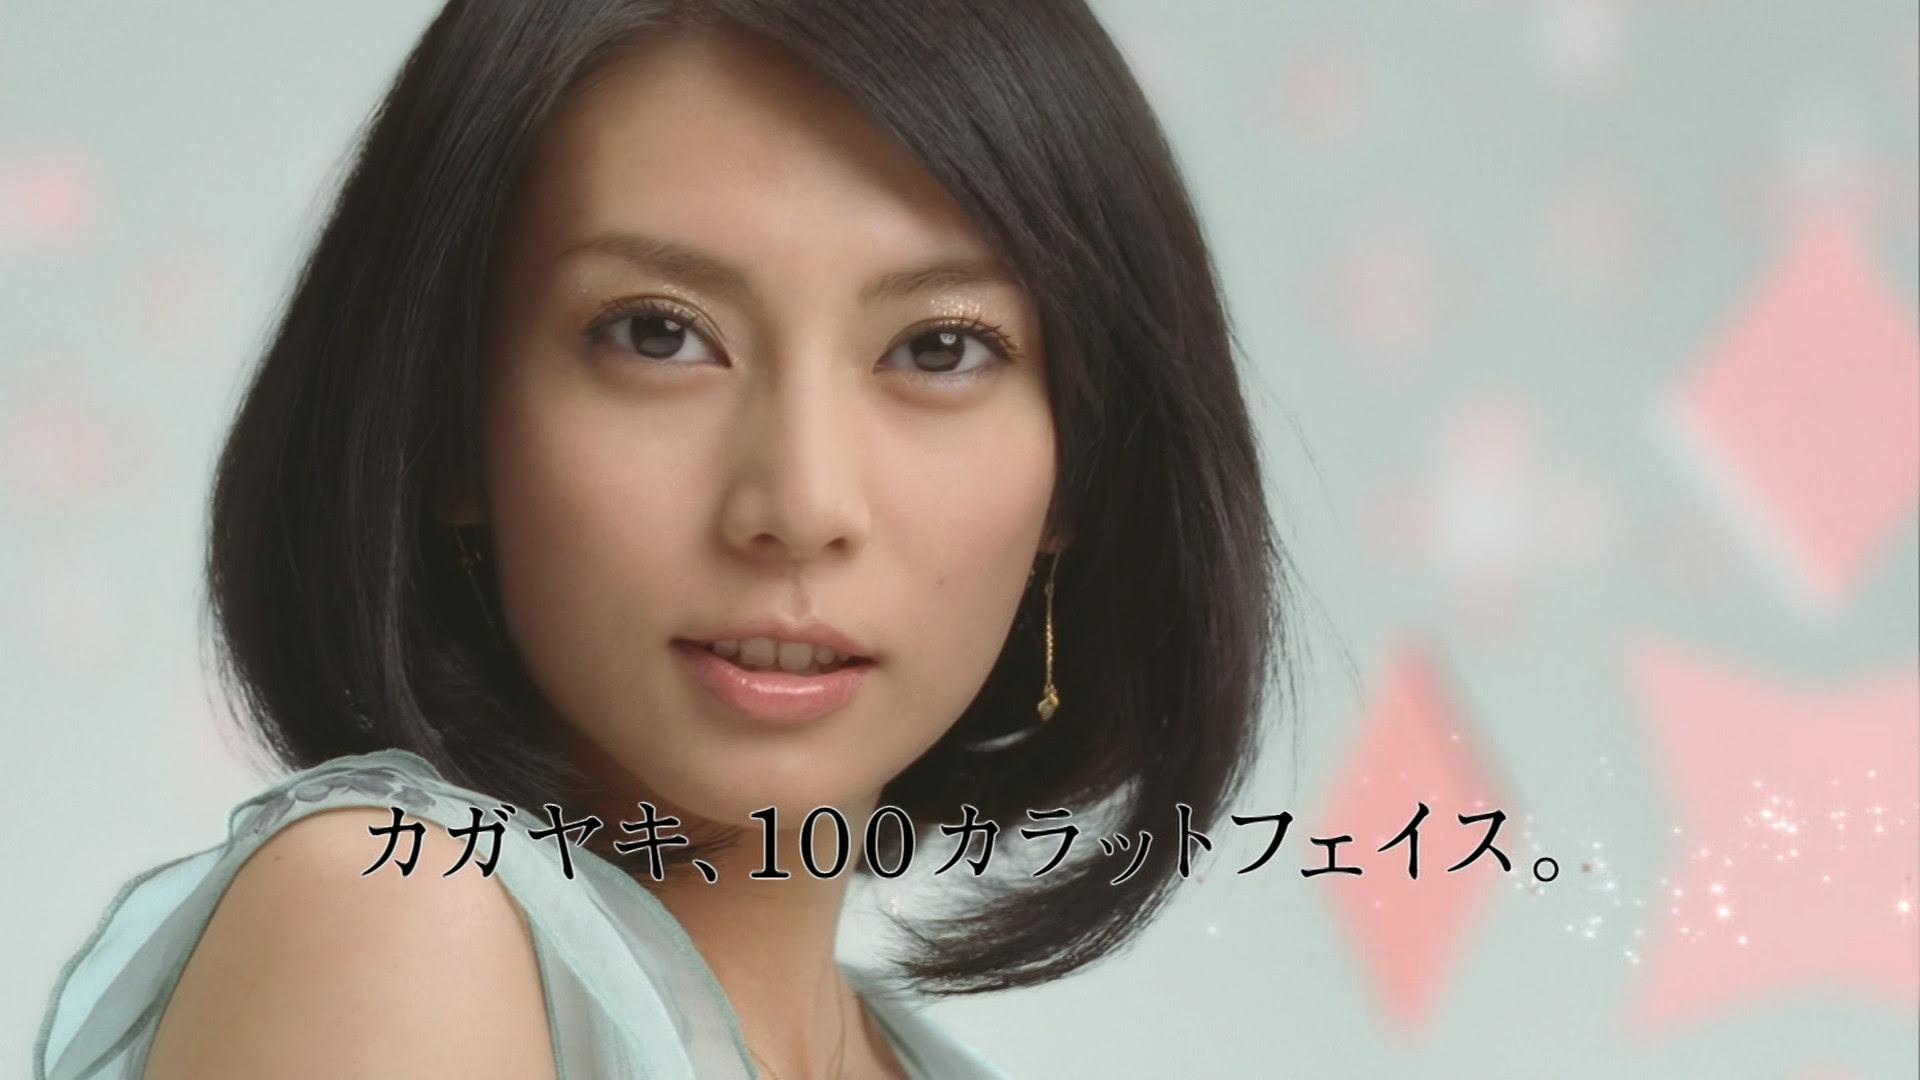 玩具箱 カネボウ コフレドール 100カラットフェイス 篇の柴咲コウさん